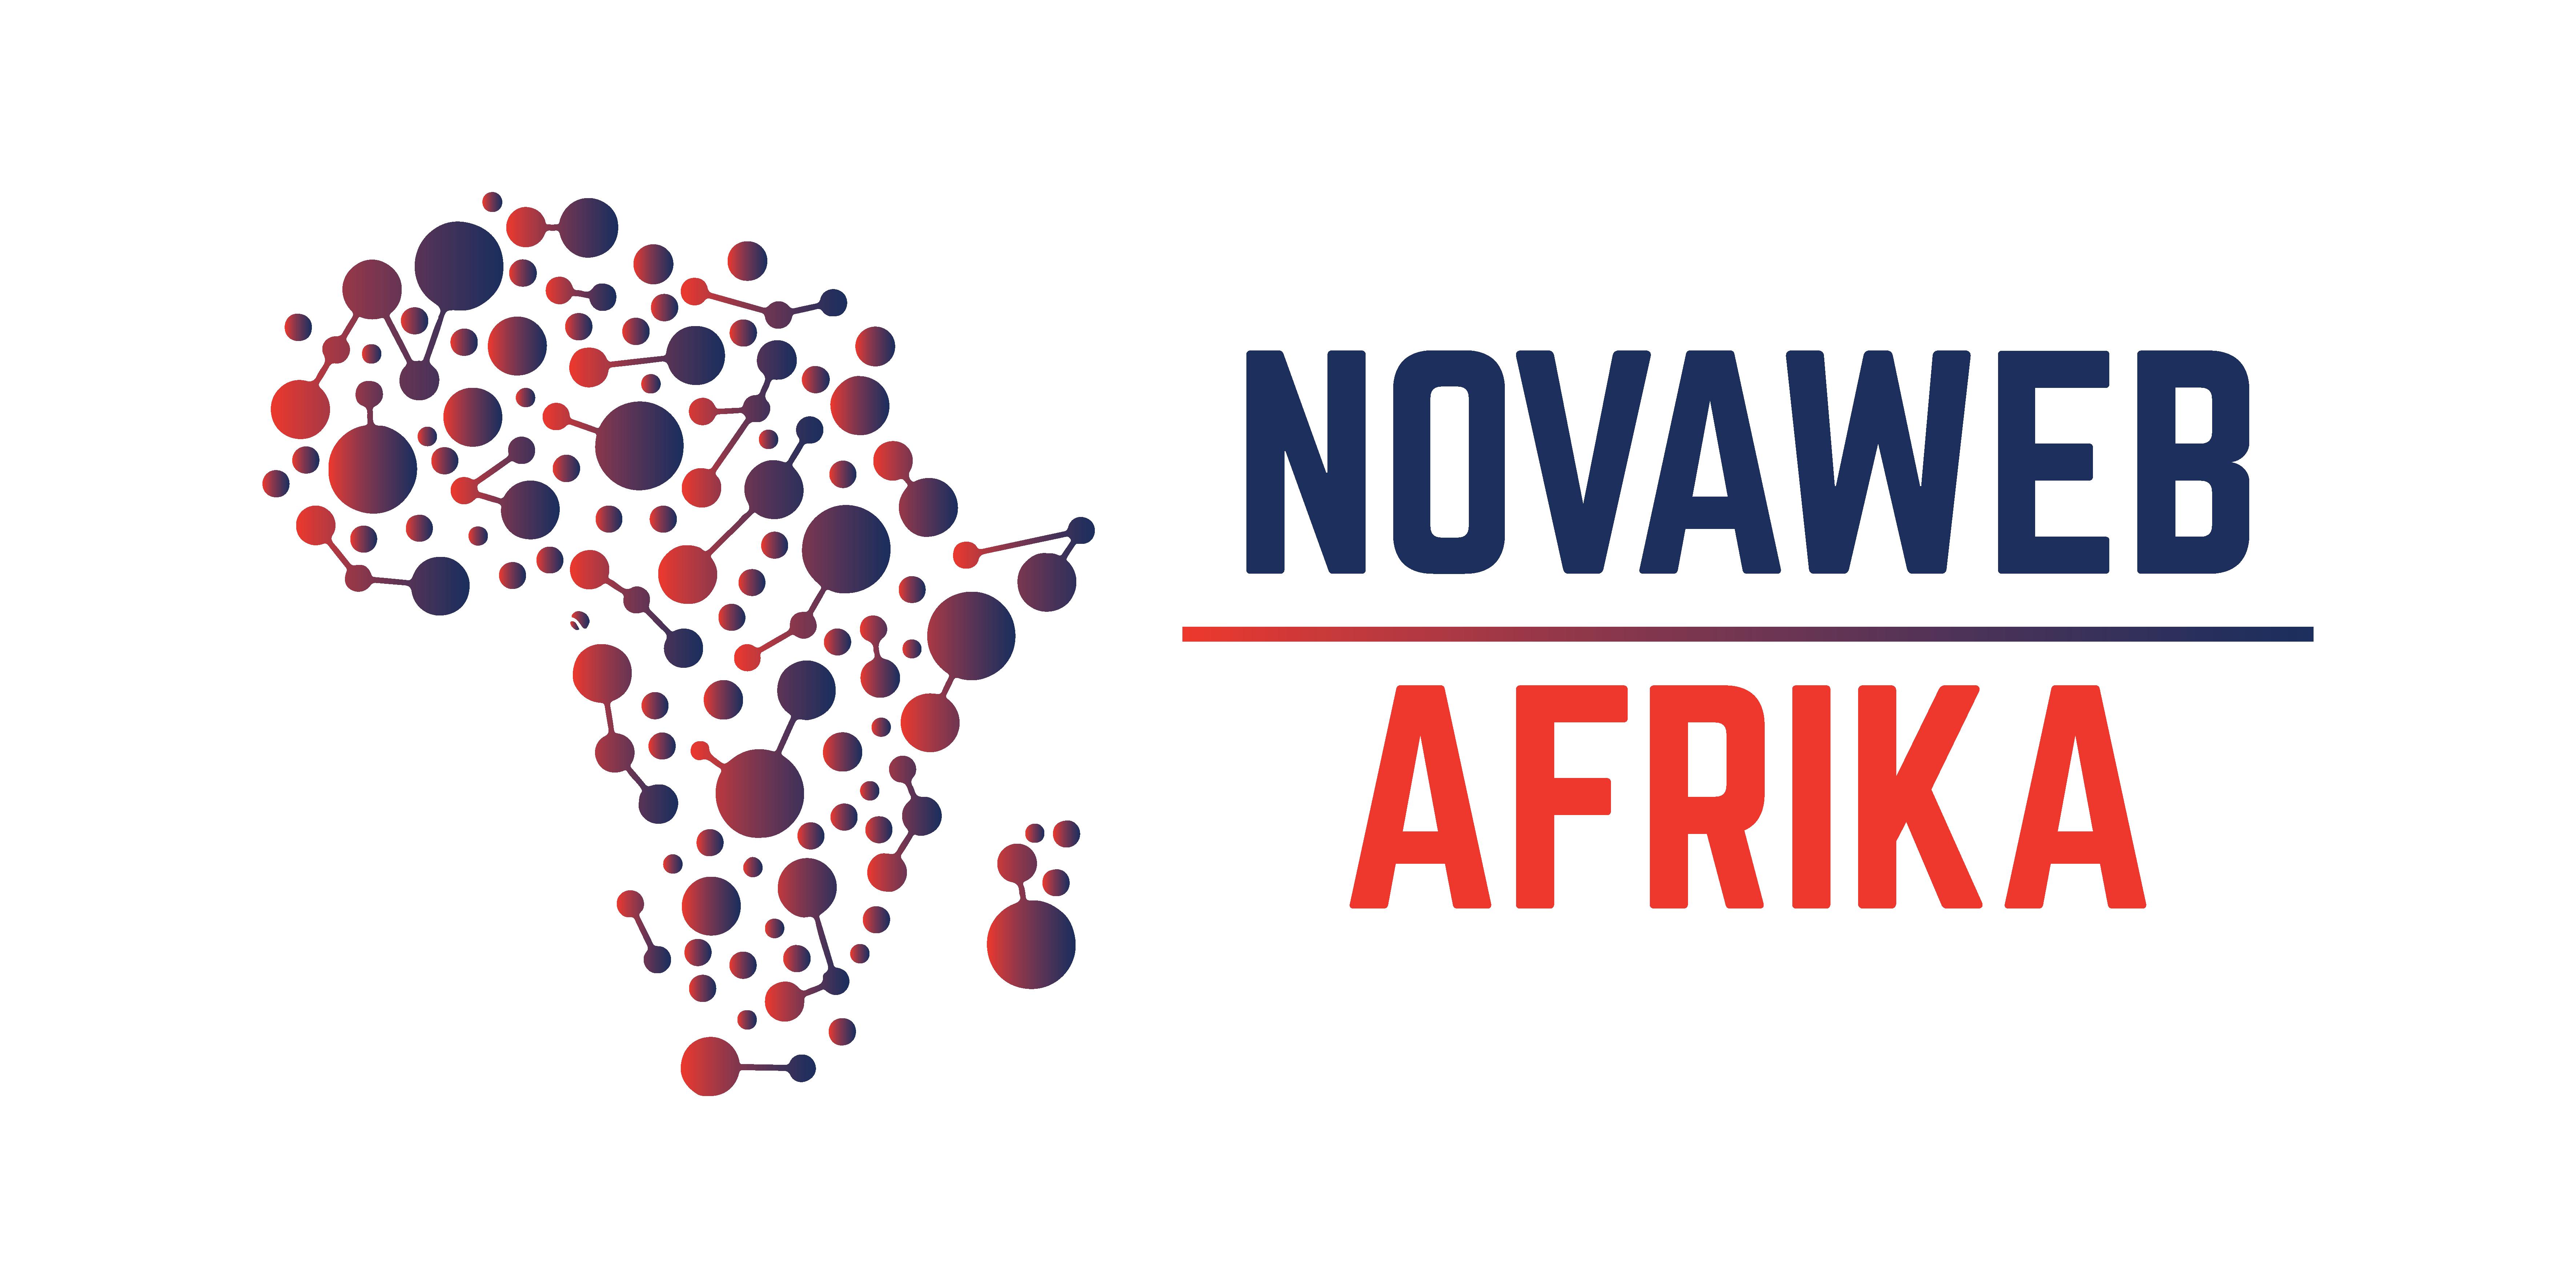 Novaweb Afrika PLC